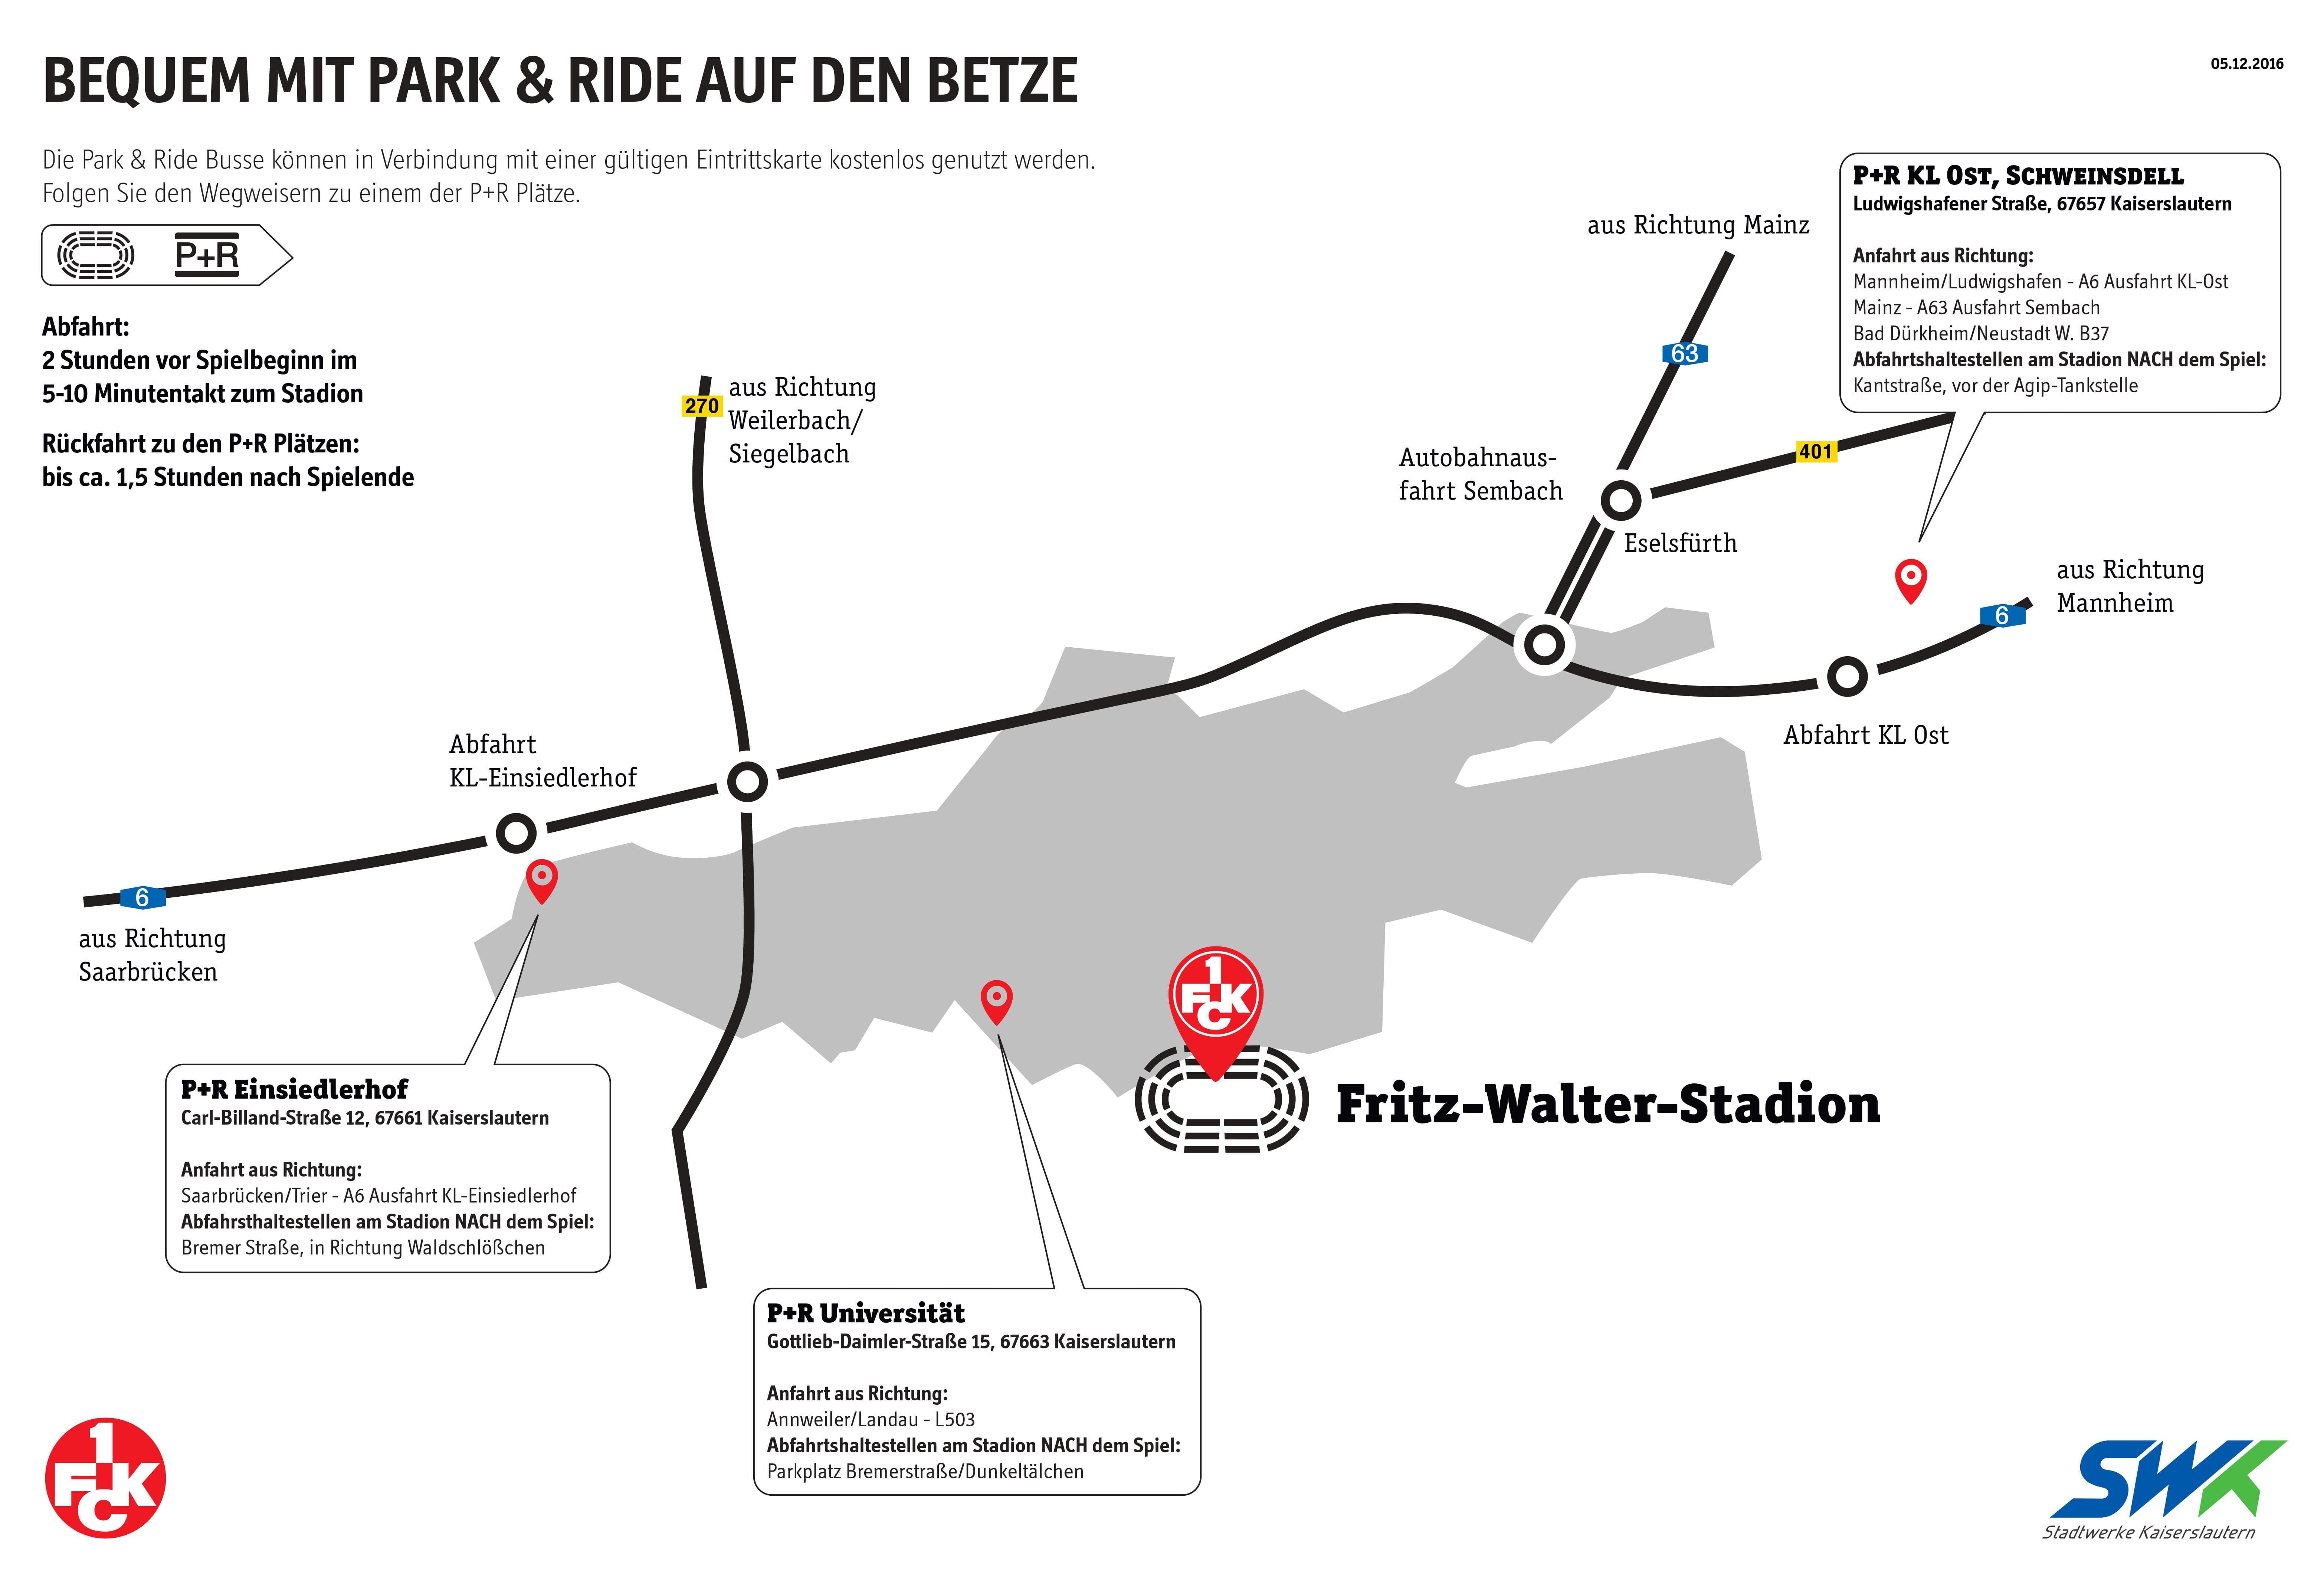 Lagpelan zum Park & Ride-Angebot der Stadtwerke Kaiserslautern und des FCK